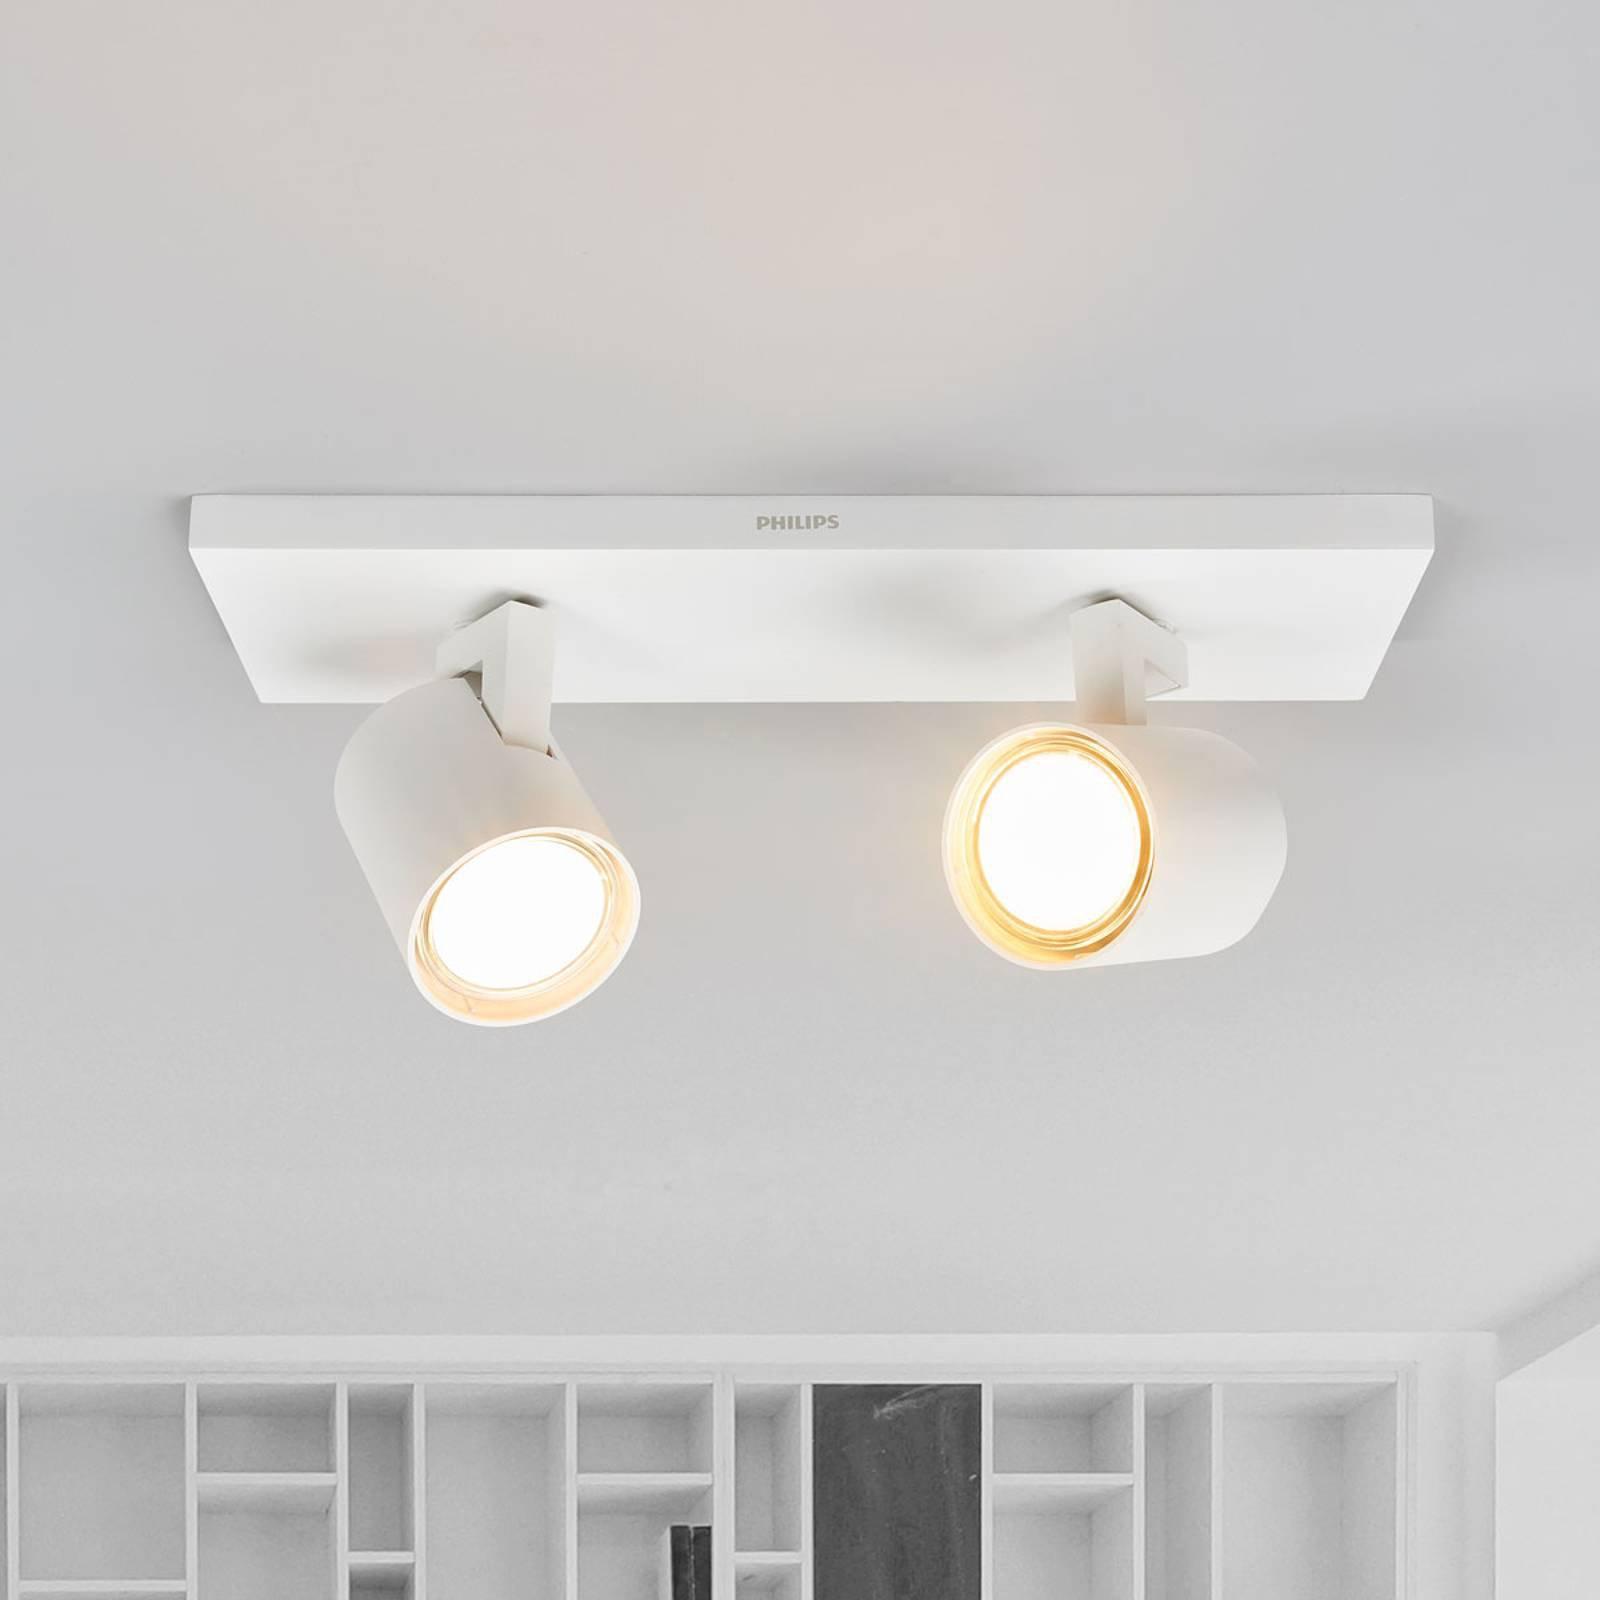 Runner LED taklampe med 2 lyskilder